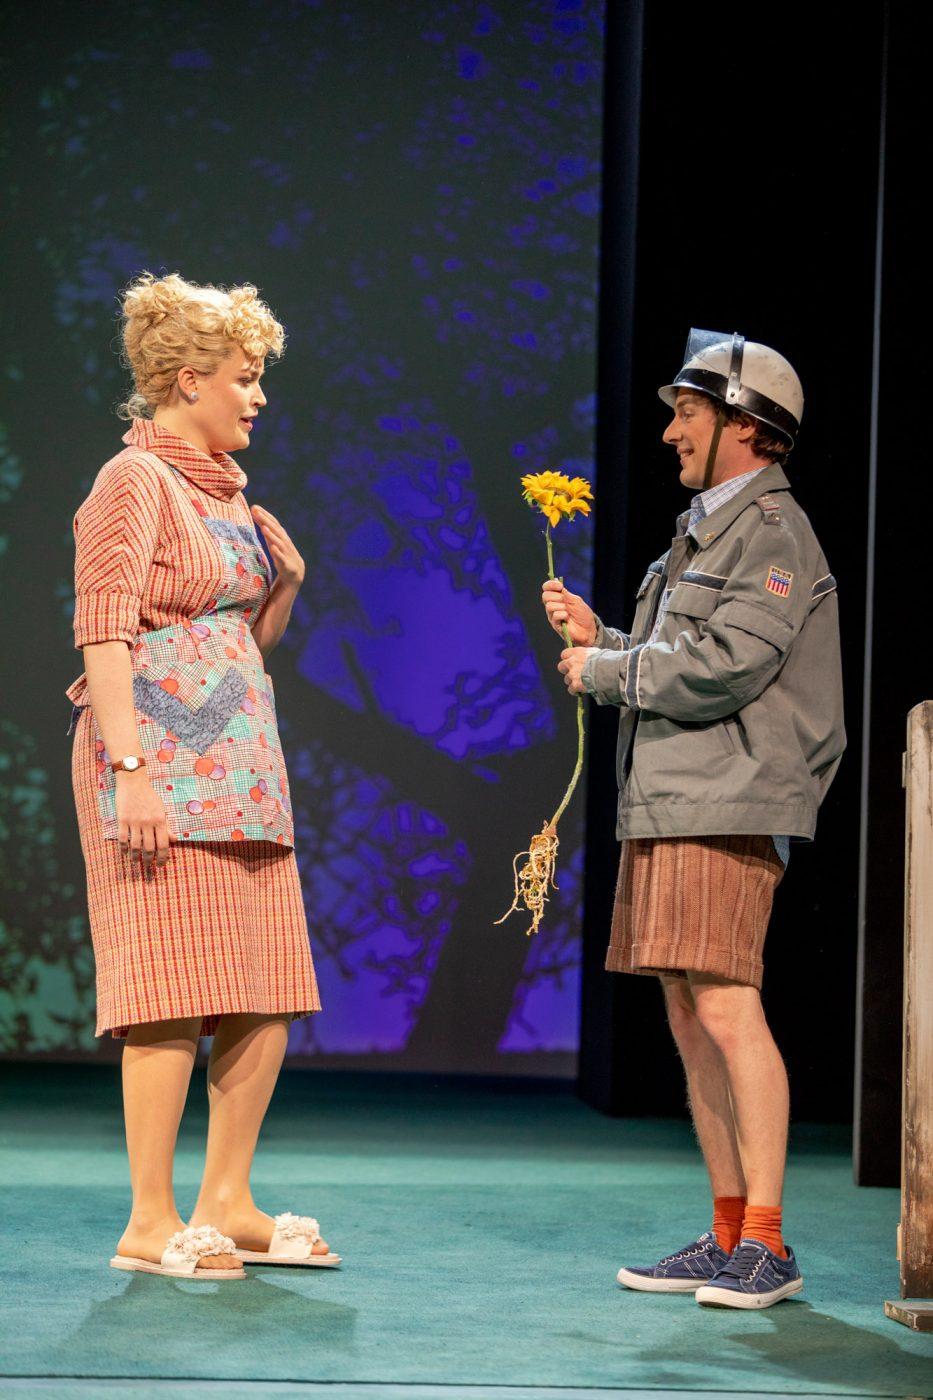 Szenenfoto aus Tom & Huck im Renaissancetheater/Theater der Jugend, Wien